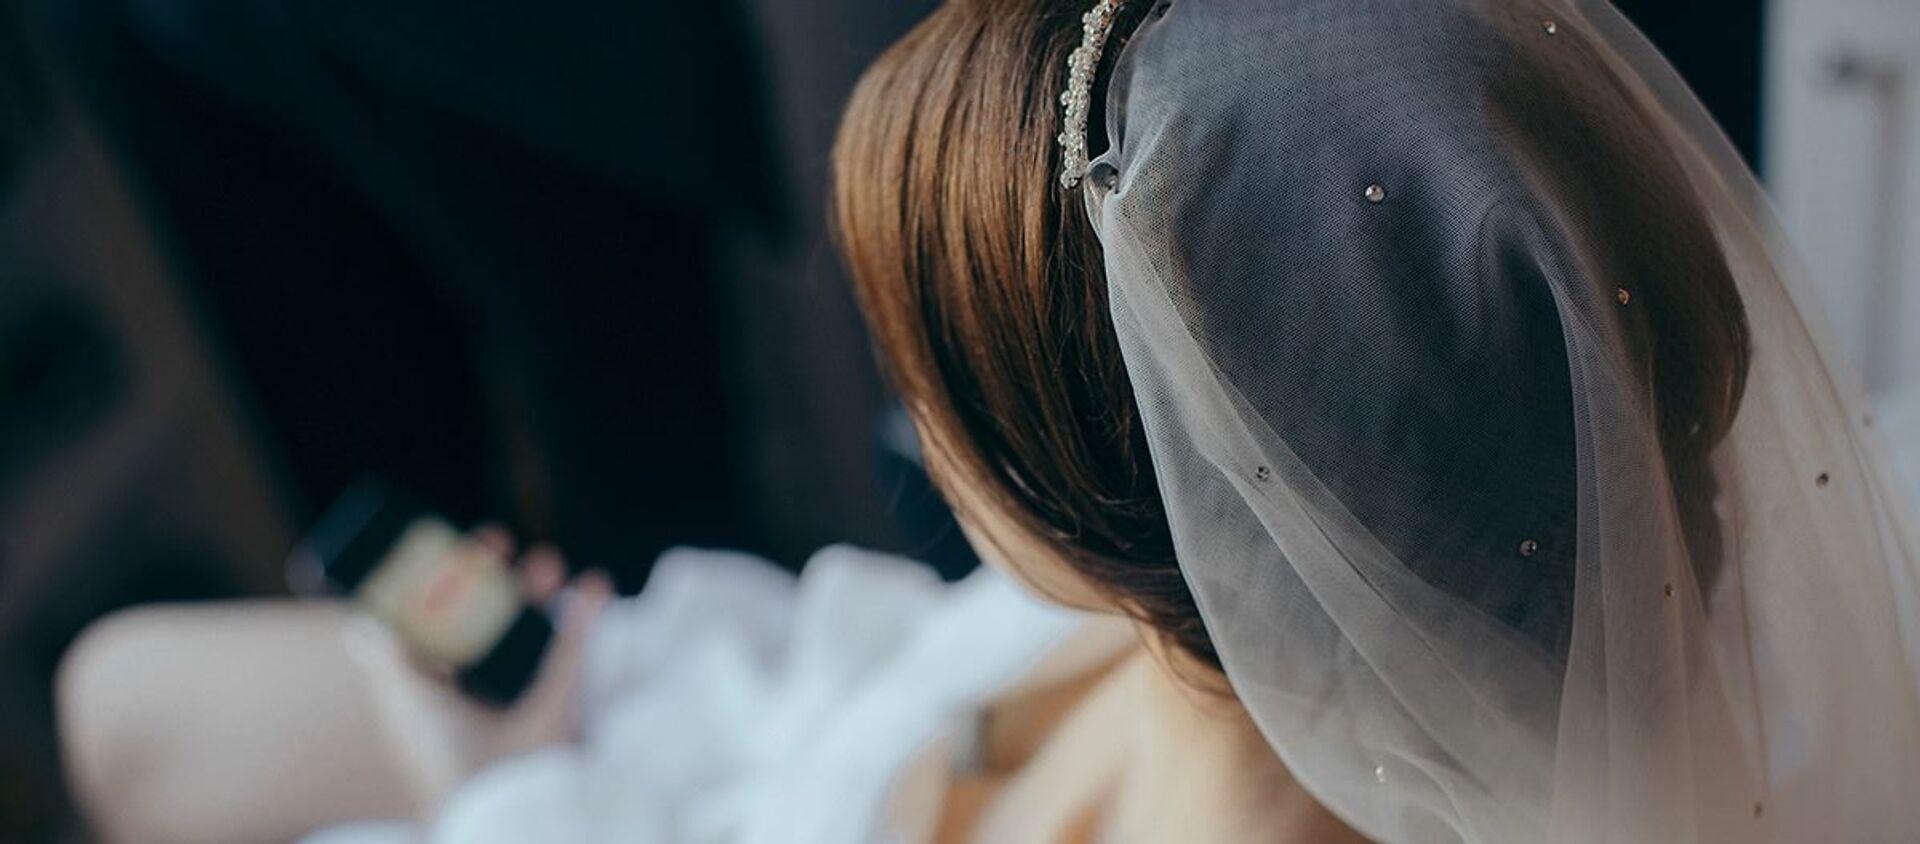 Невеста перед свадьбой - Sputnik საქართველო, 1920, 26.03.2020